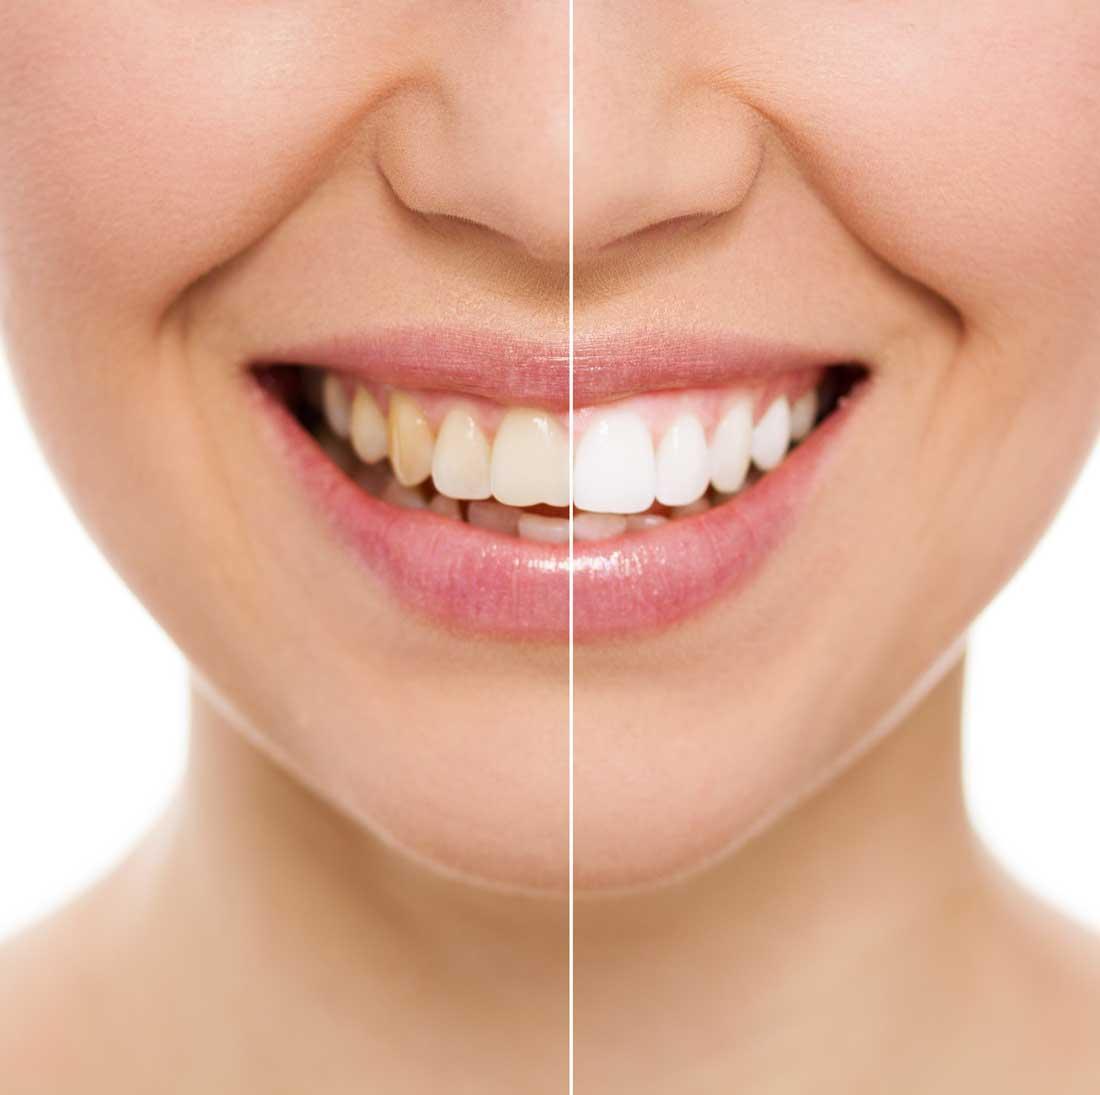 RLJ Dental aesthetic dentistry